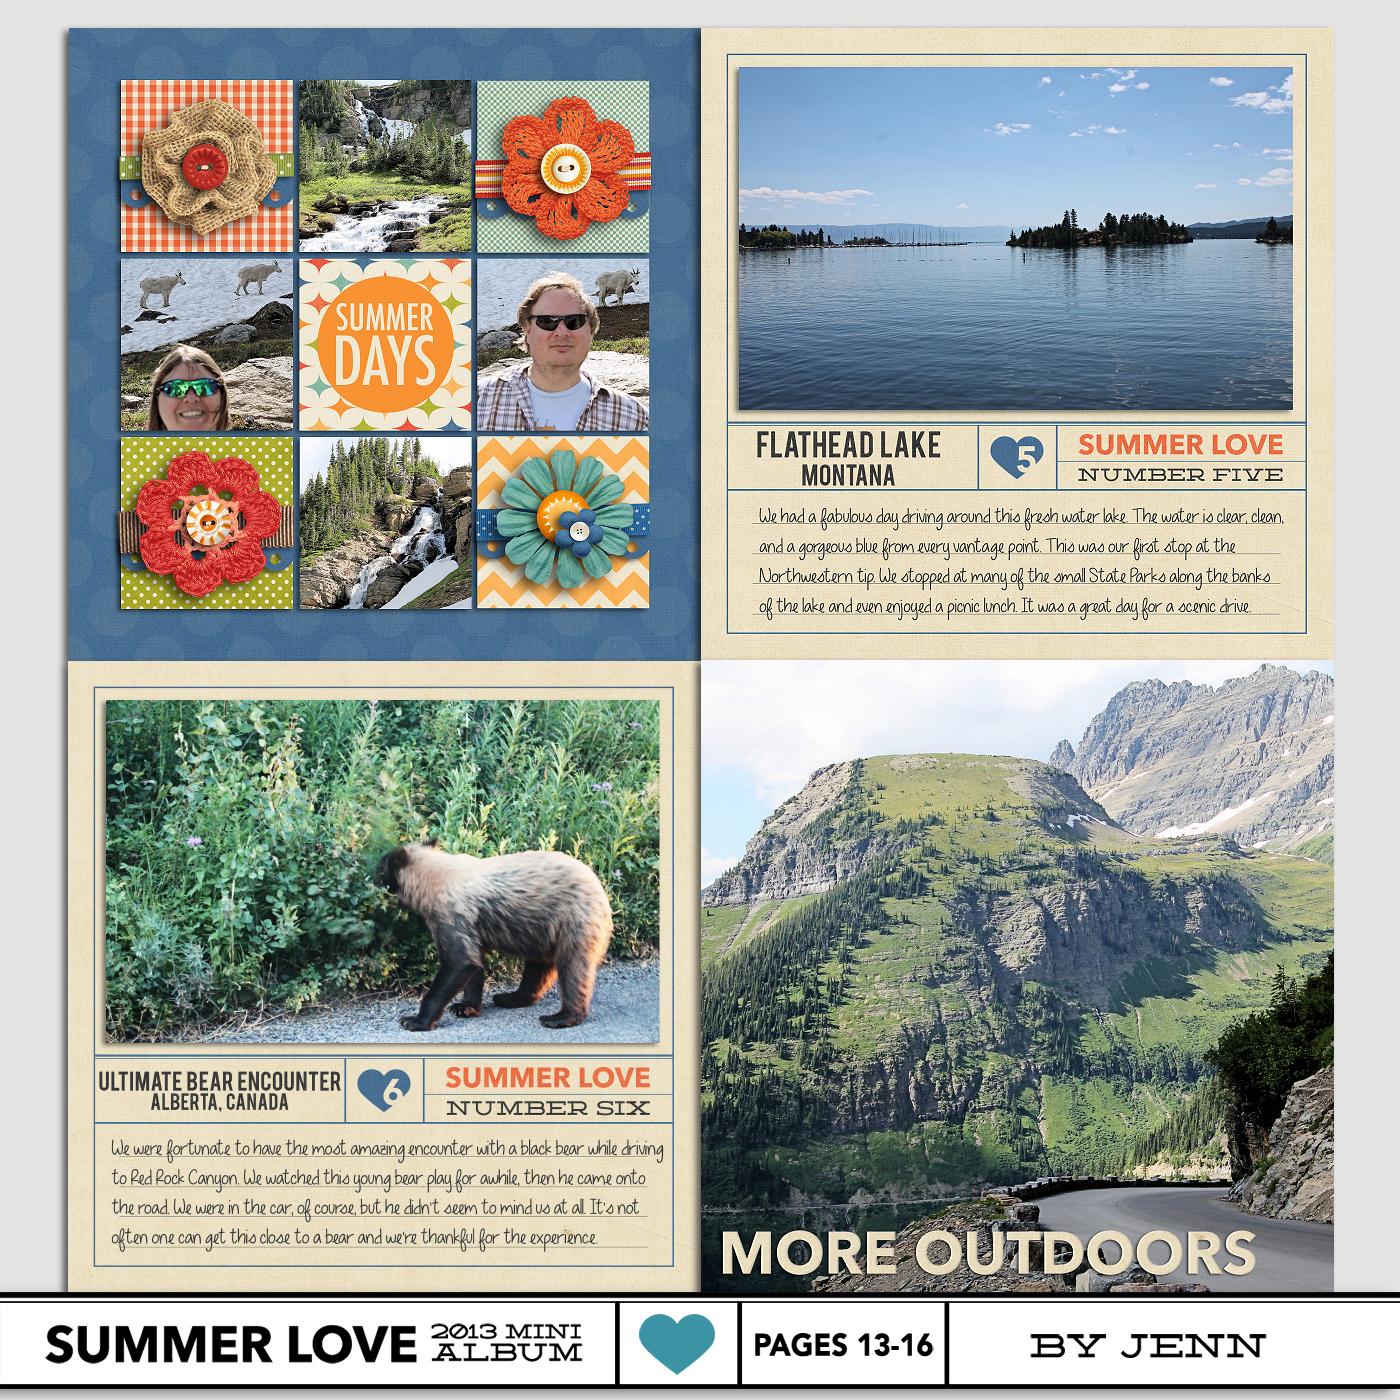 nettiodesigns_SummerLove-pg13-16-JENN